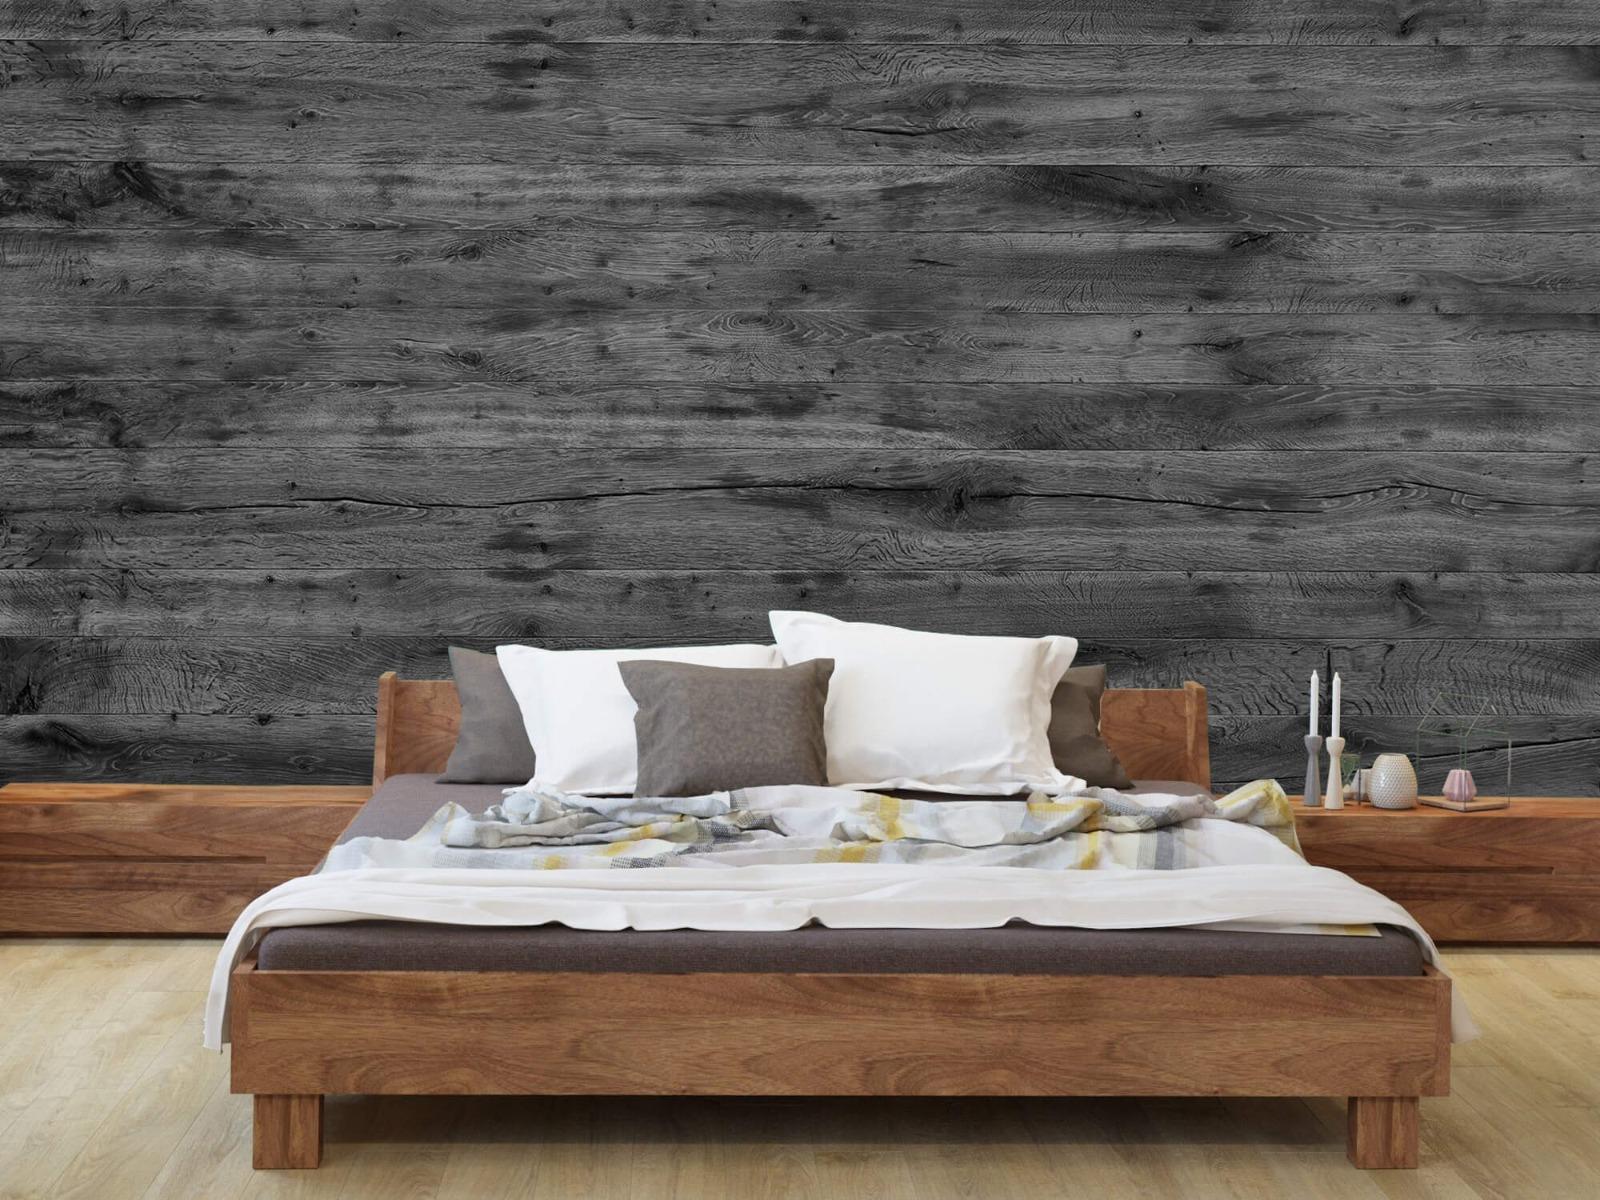 Hout behang - Grijze houten planken - Directie 9